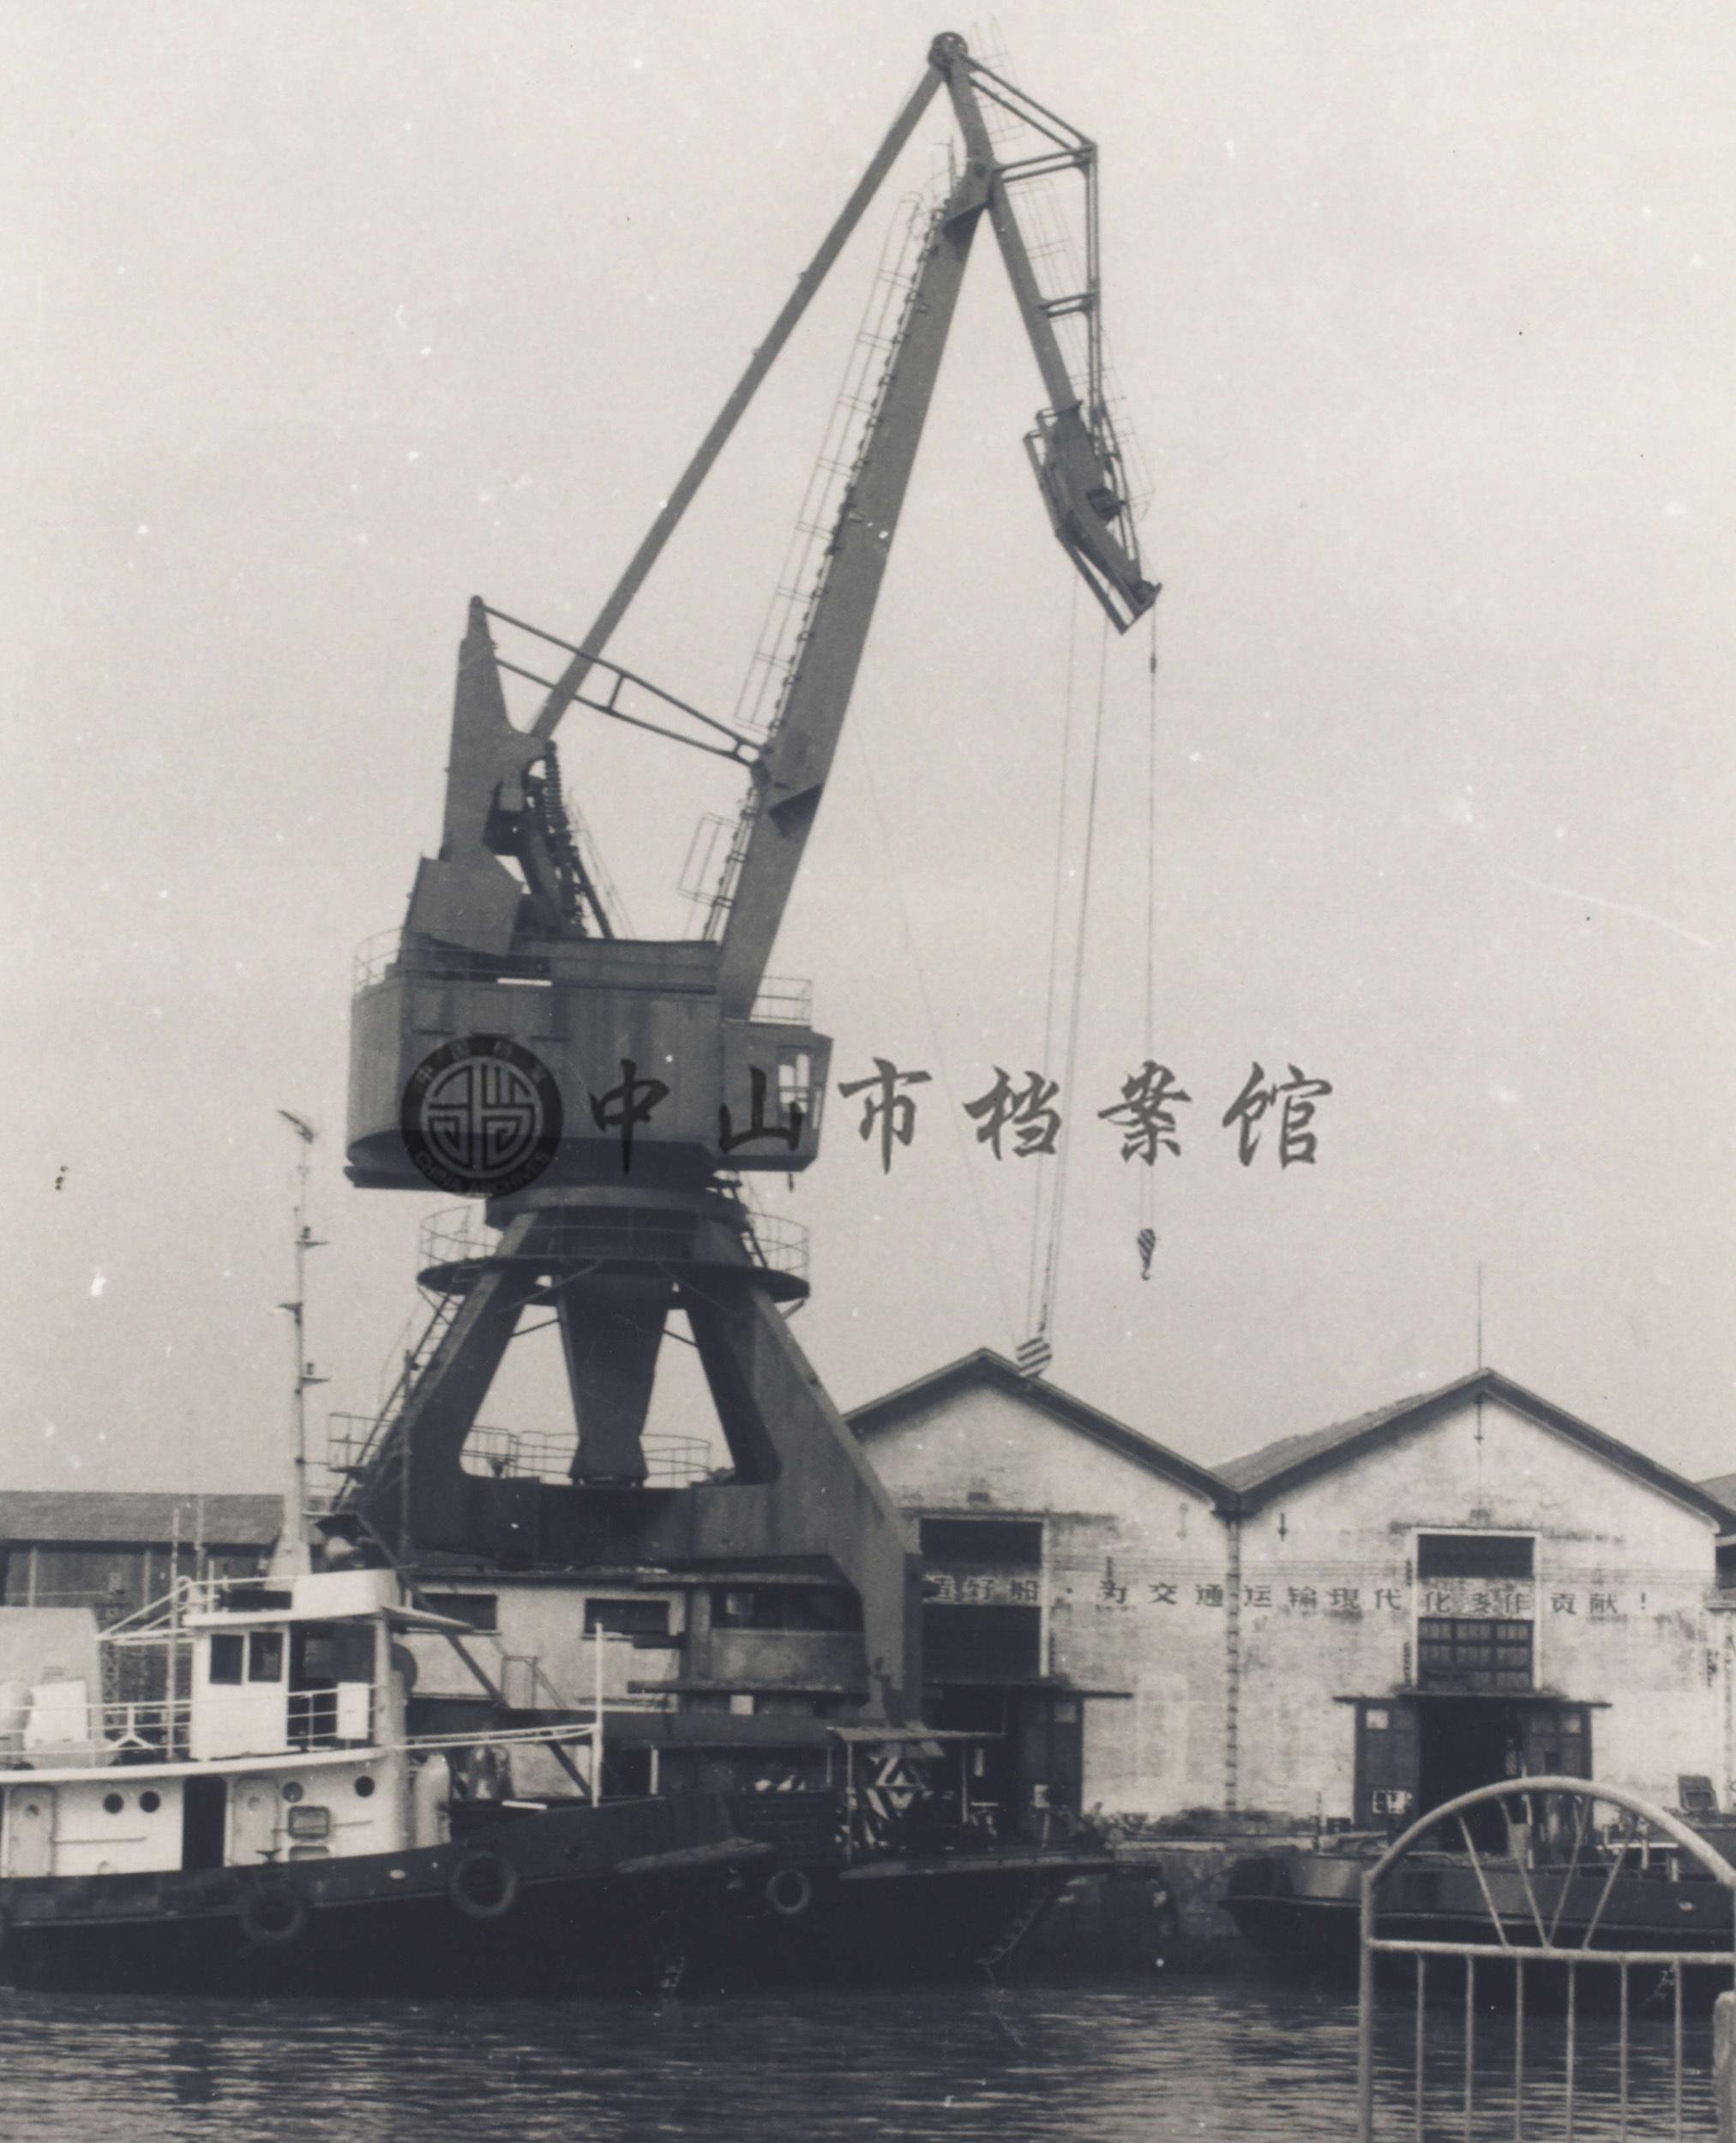 20世纪80年代的粤中船厂,岐江两岸工业区。船厂拆迁后改建成现在的岐江公园。